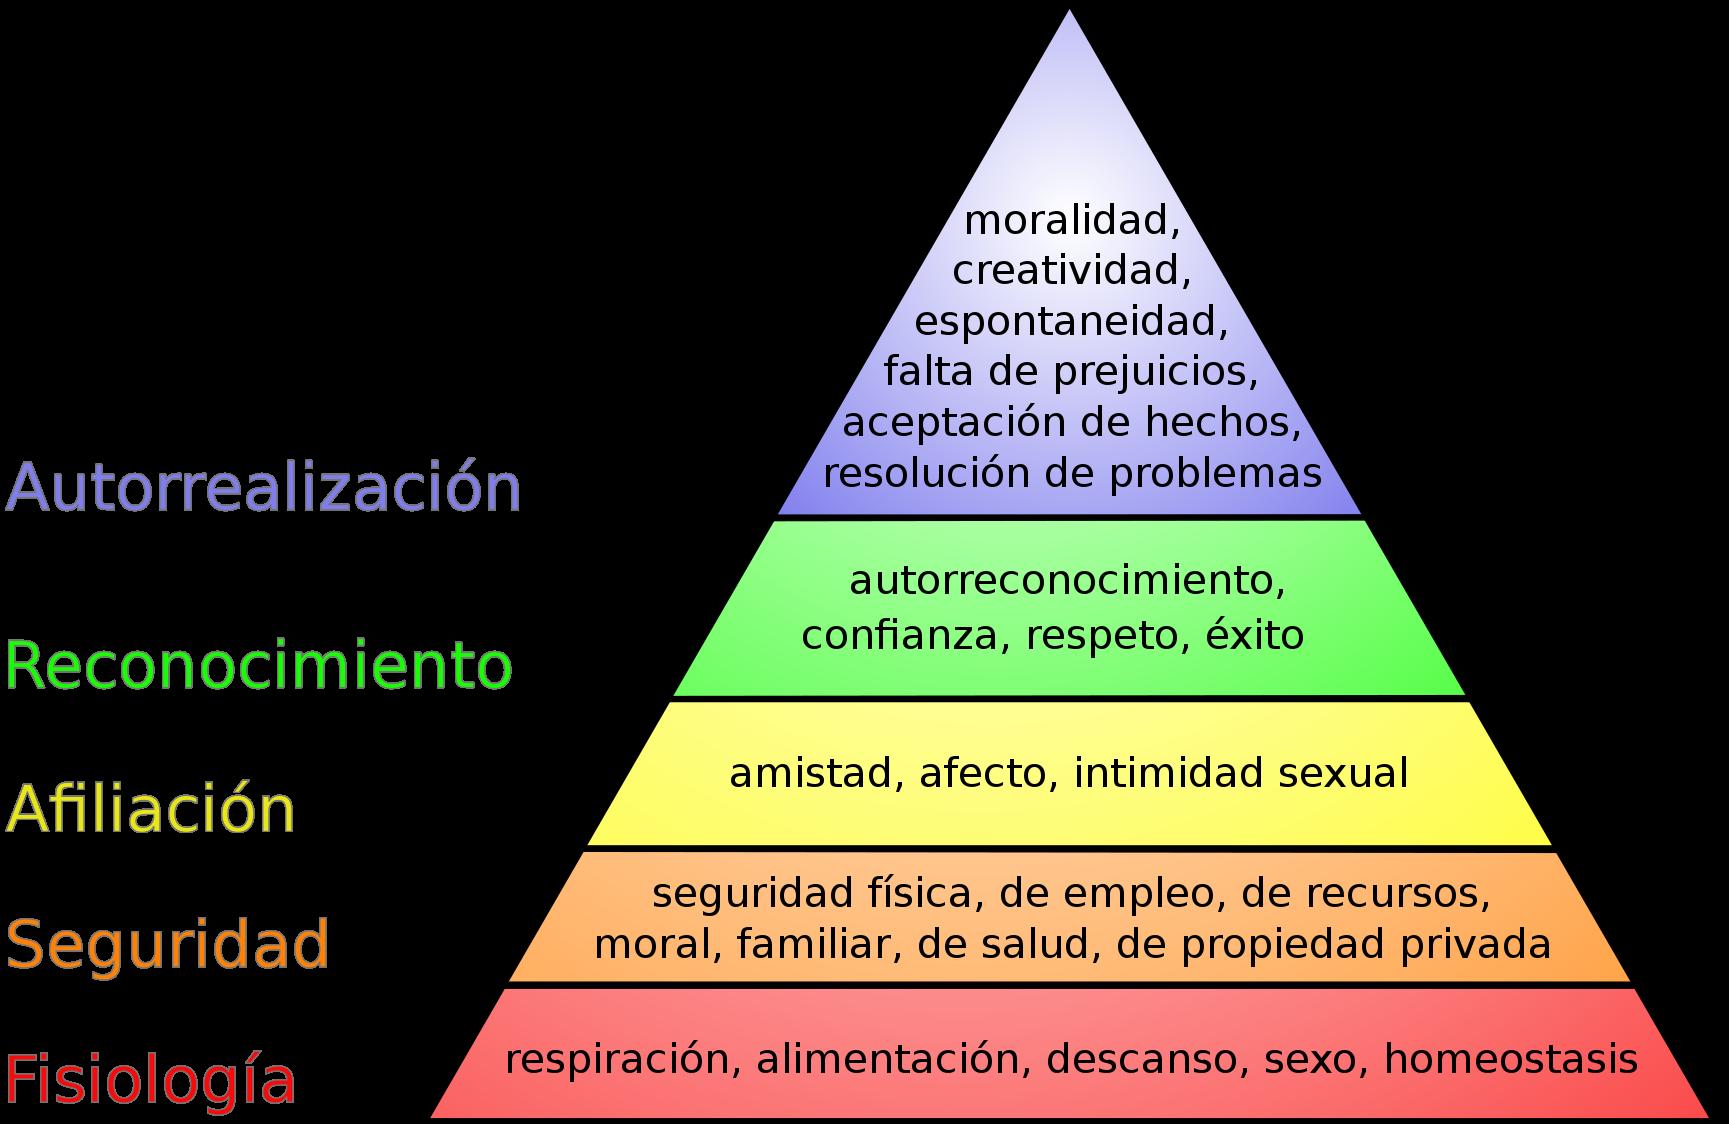 Maslow estableció una jerarquización de las necesidades del ser humano y las reflejó en una pirámide